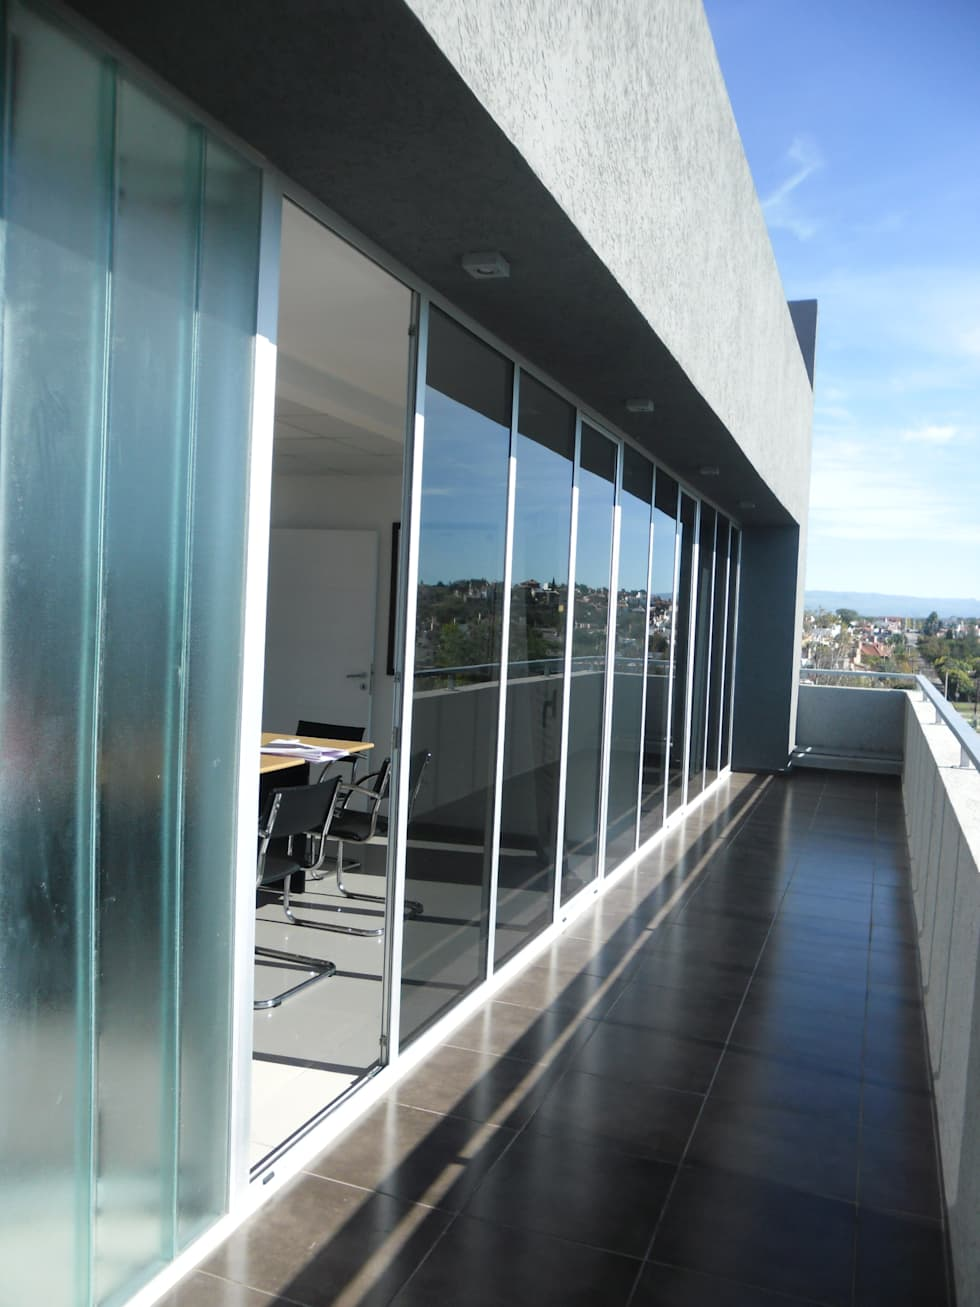 BALCON OFICINA: Estudios y oficinas de estilo moderno por VILARRODONA ARQUITECTOS